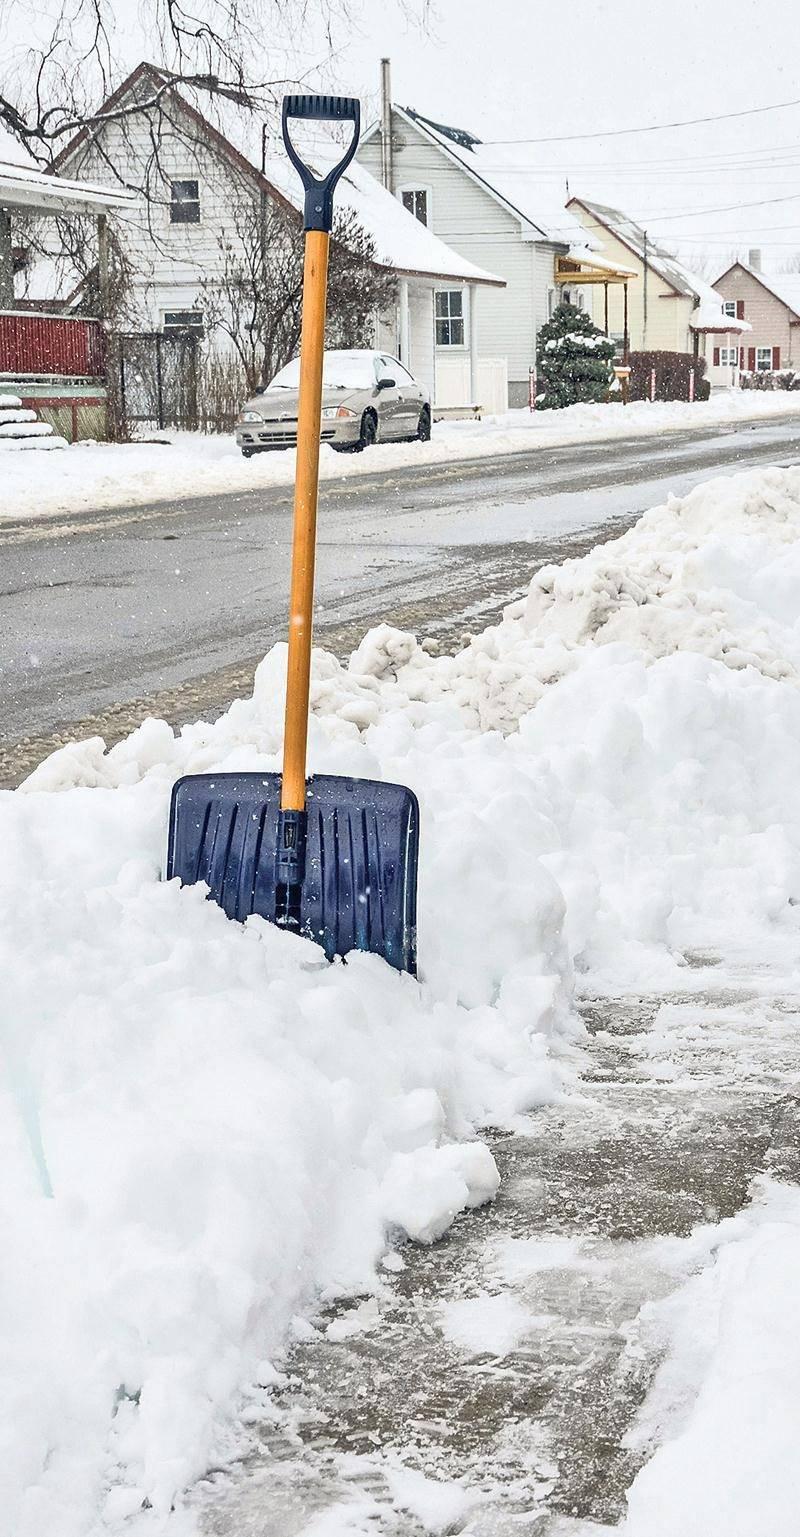 Les chenillettes devraient bientôt passer sur le trottoir de la rue Guy, à Sainte-Rosalie, qui n'était jusqu'à maintenant pas entretenu l'hiver. Photo François Larivière | Le Courrier ©